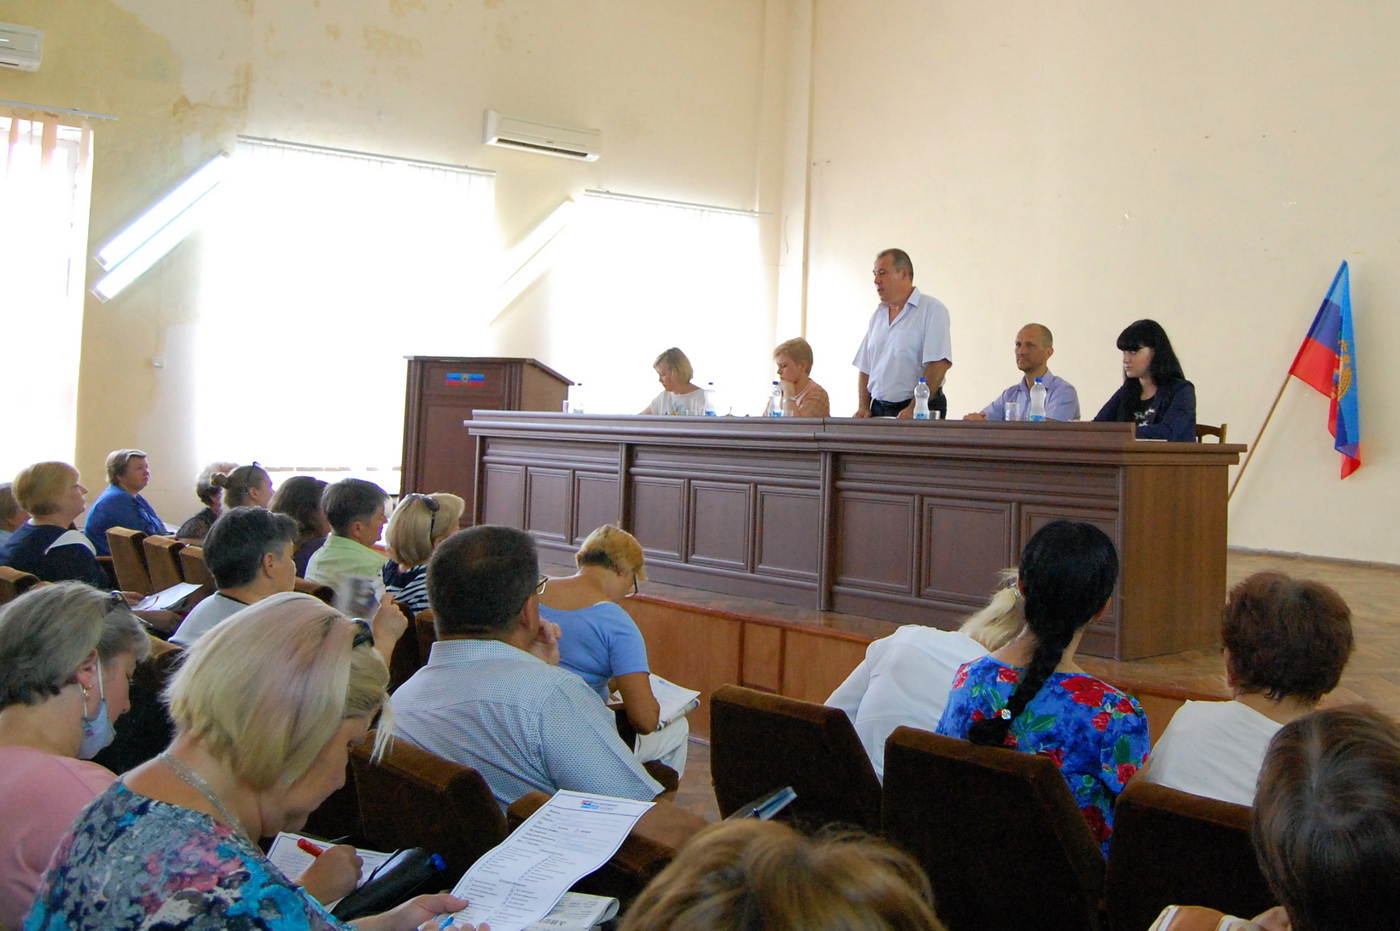 Председатели органов самоорганизации населения Жовтневого района Луганска получили новые штампы